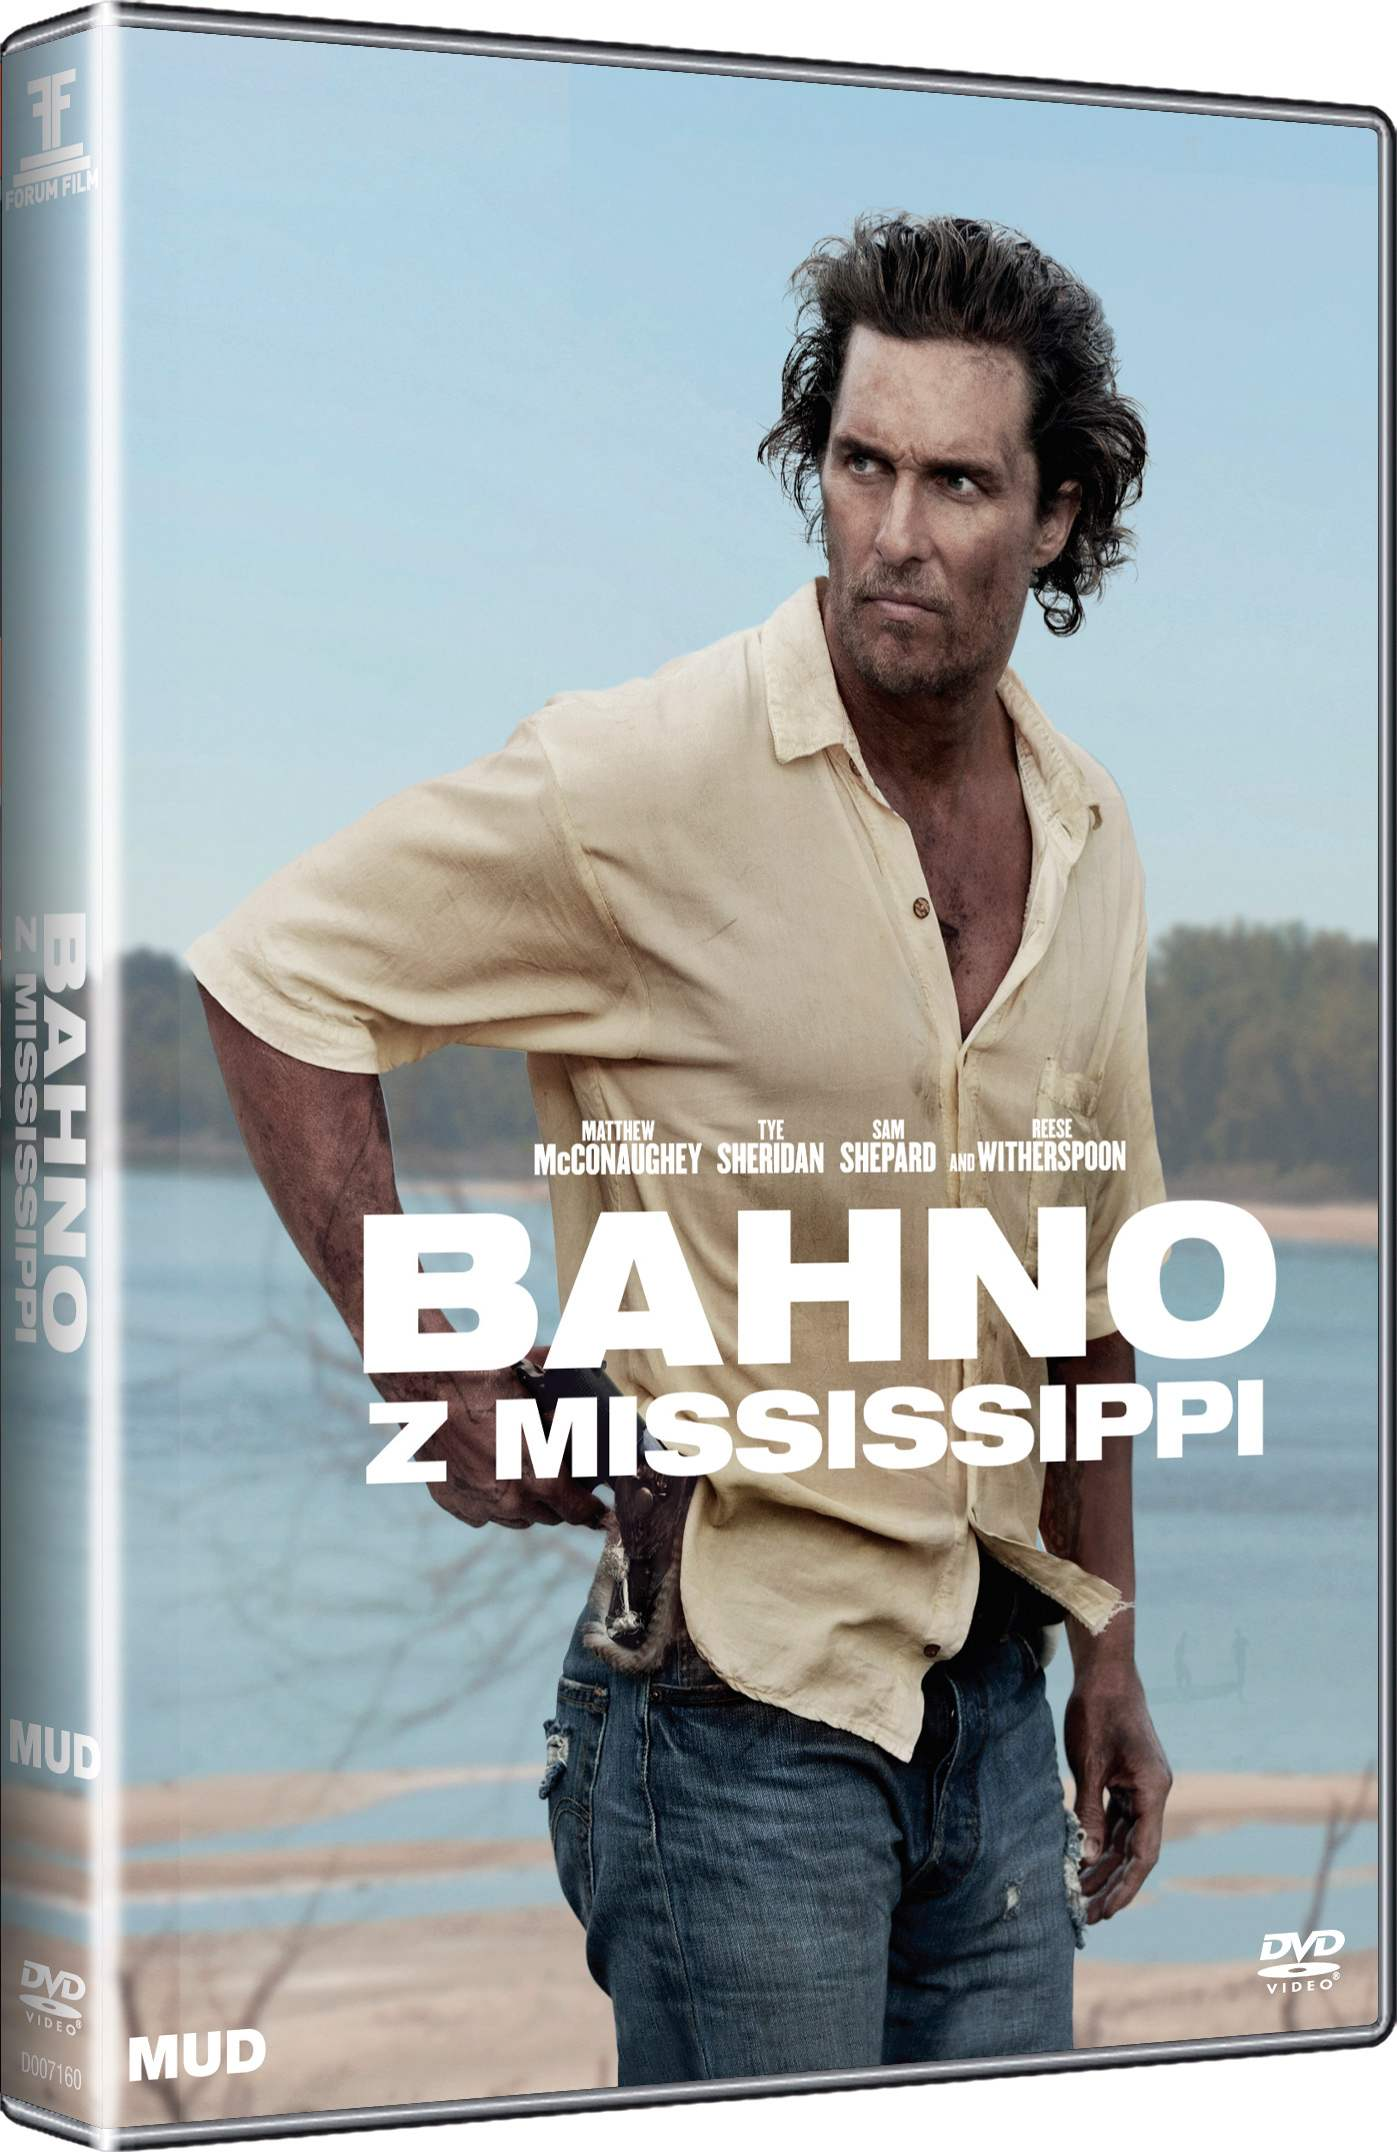 BAHNO Z MISSISSIPPI - DVD